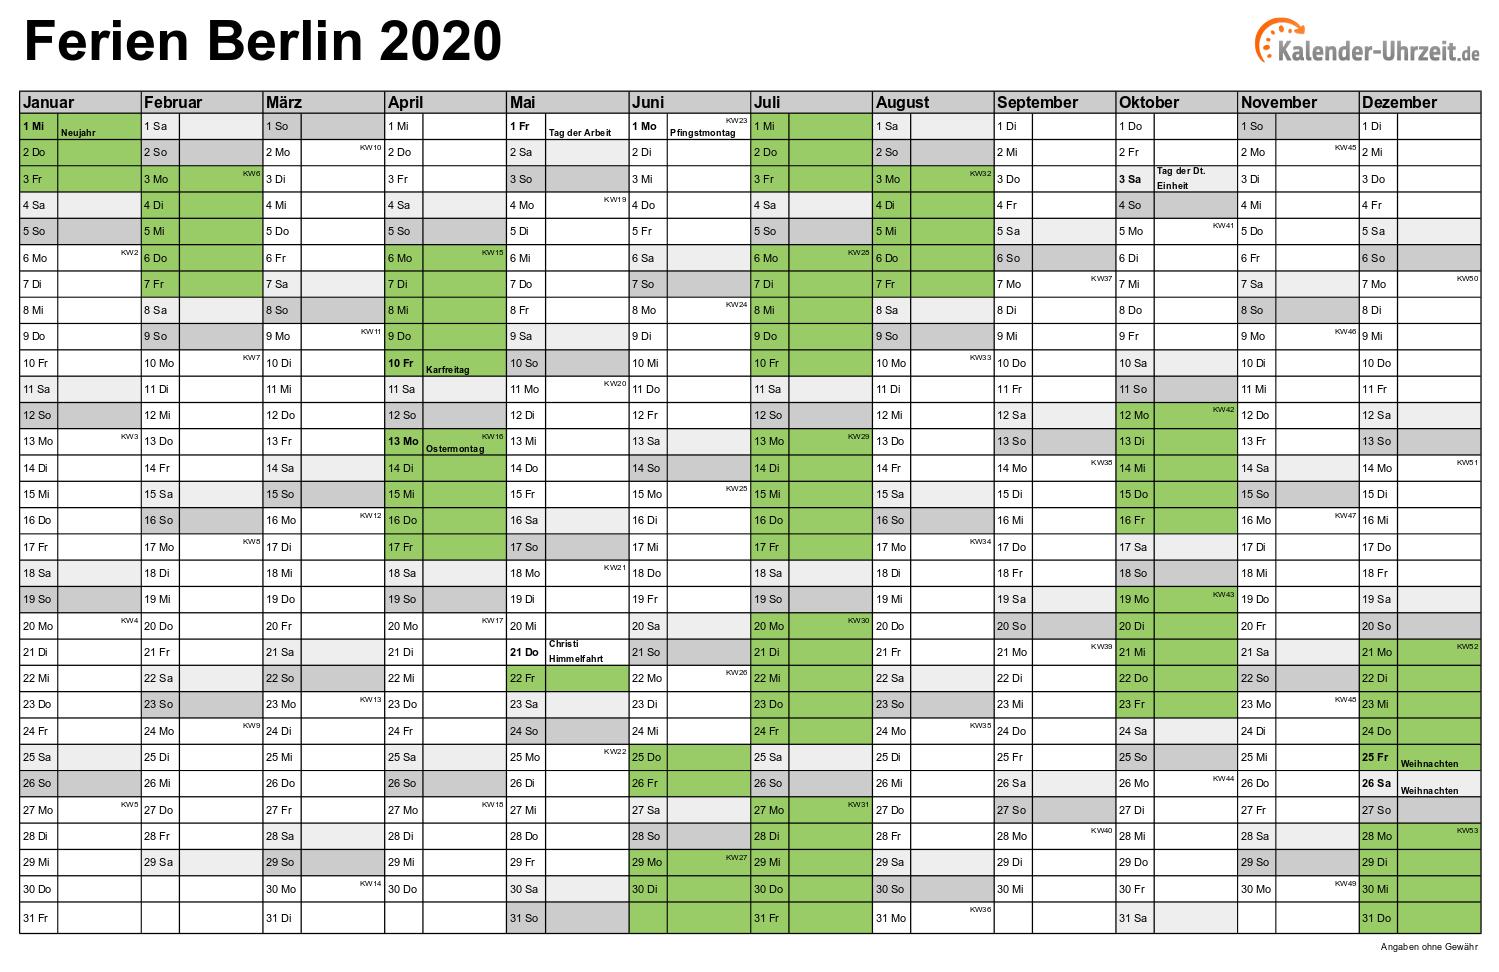 Ferien Berlin 2020 Ferienkalender Zum Ausdrucken